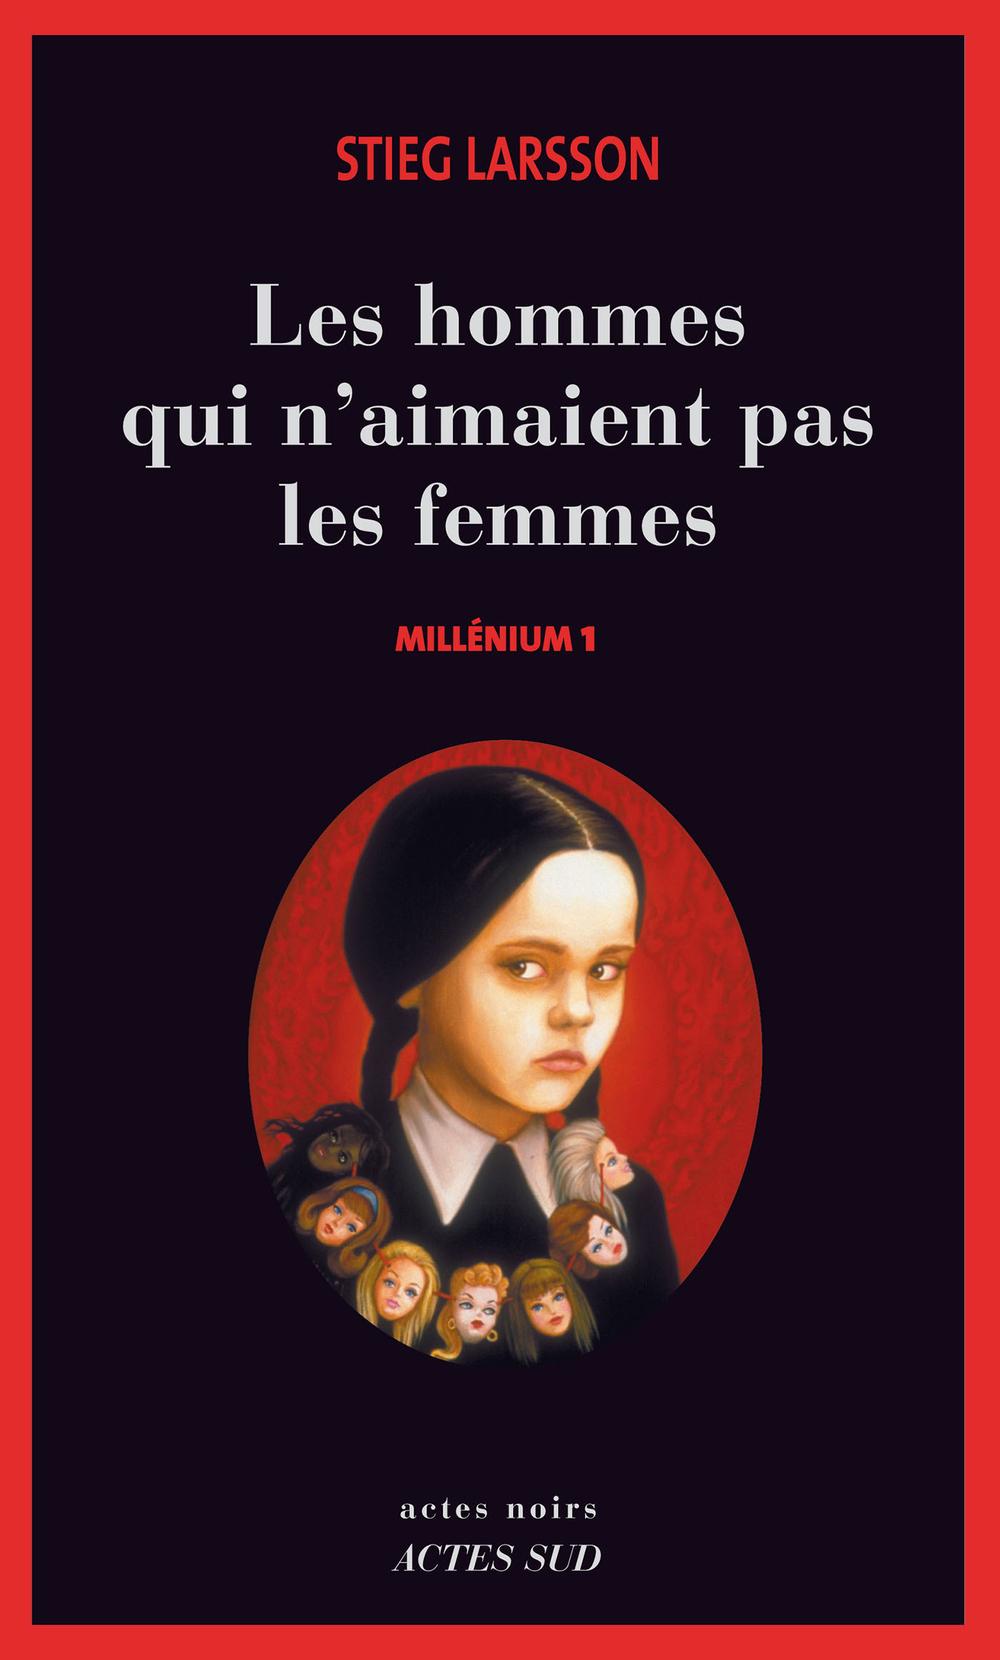 Millenium 1 - Les hommes qui n'aimaient pas les femmes